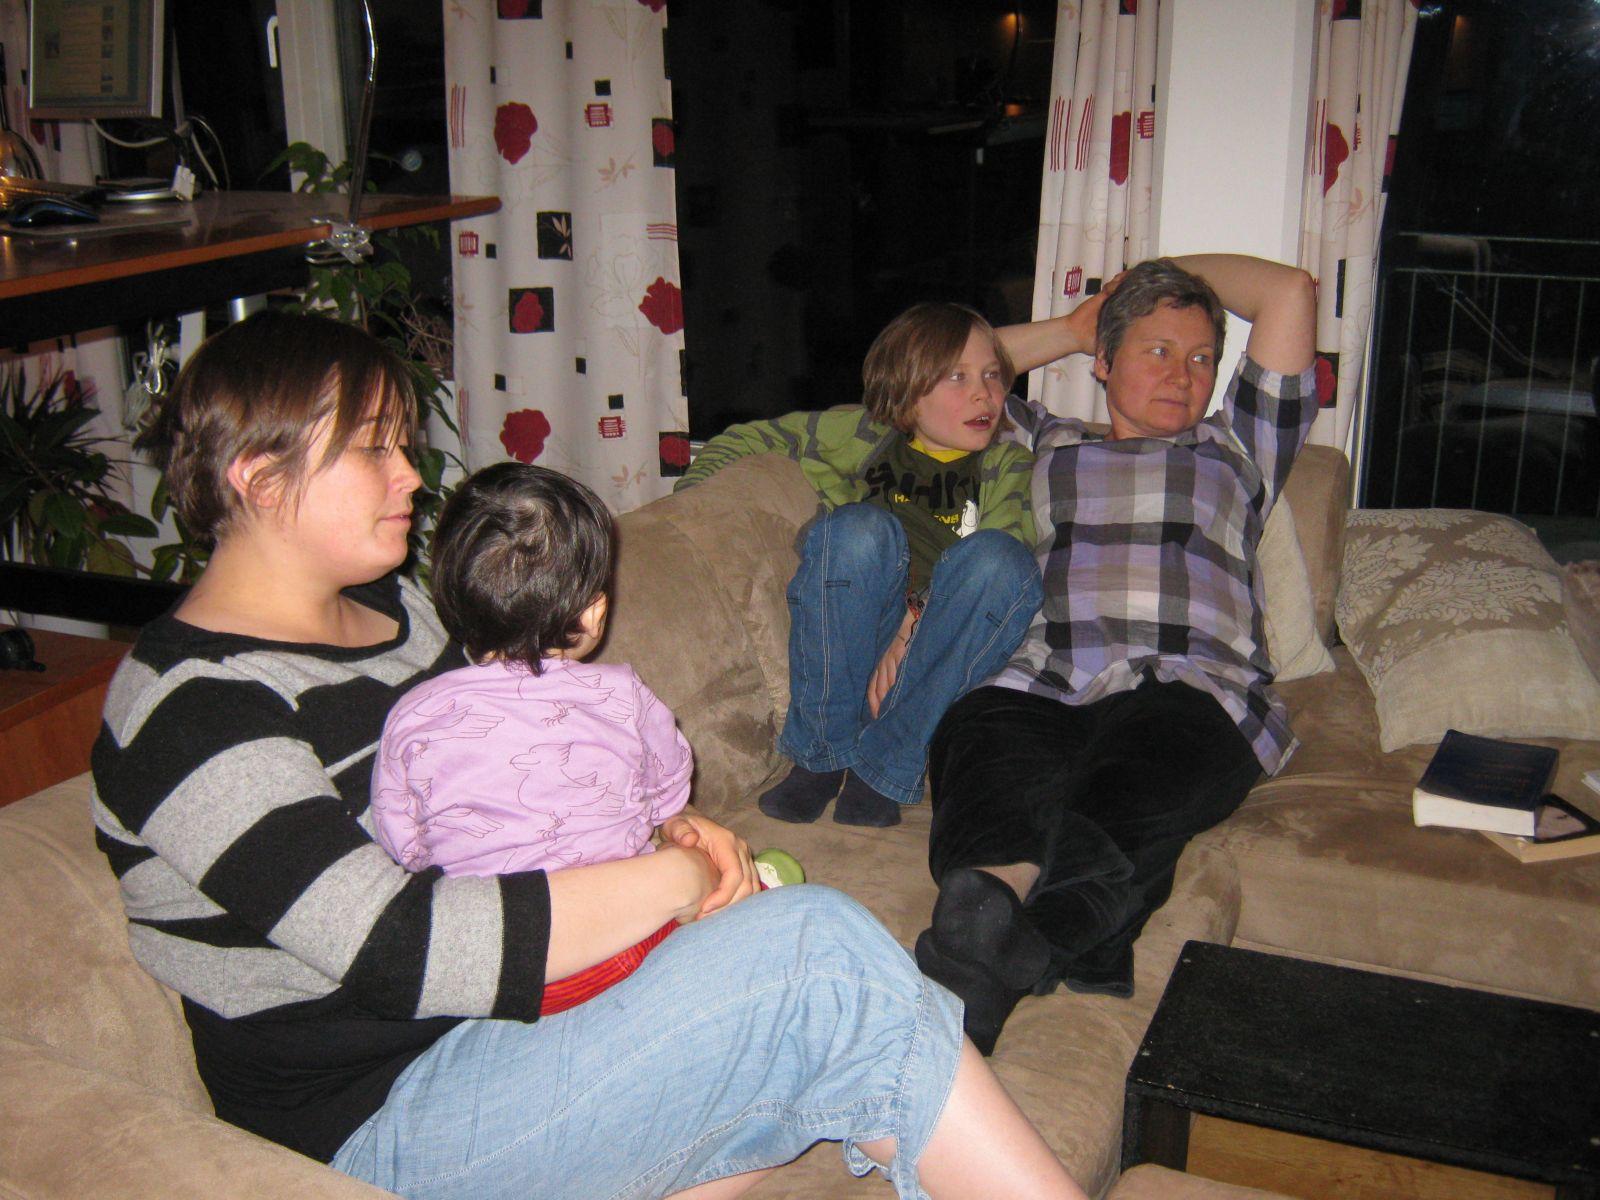 2009-11-03-1904_Maritha Eugenius Labansen; Mette Labansen; Qupanuk Eugenius Labansen; Rumle Labansen